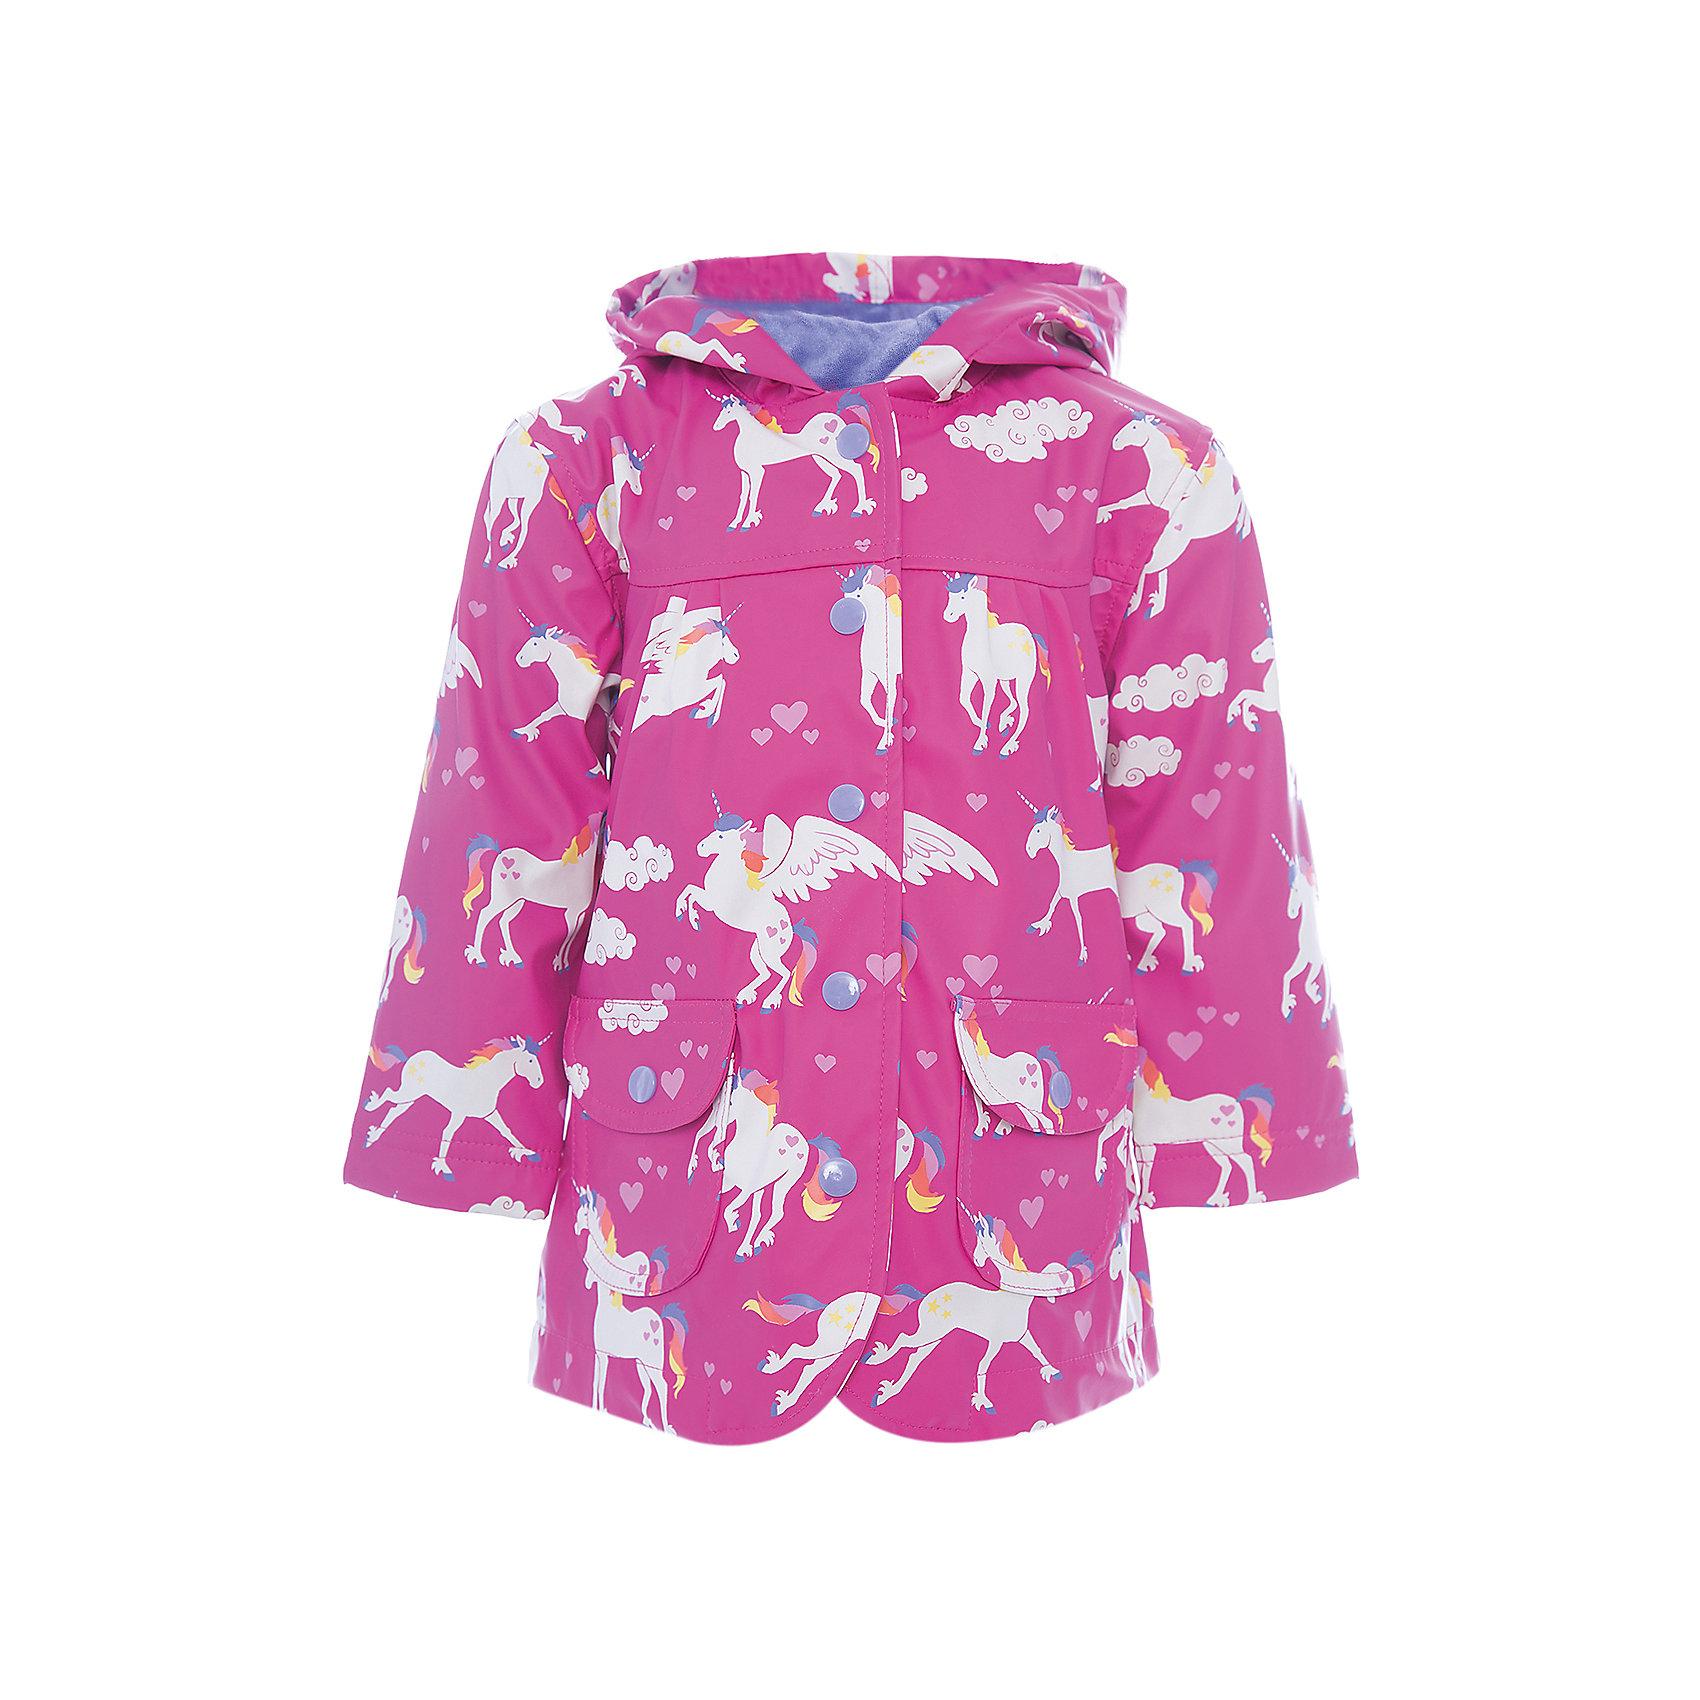 Плащ для девочки HatleyВерхняя одежда<br>Плащ для девочки Hatley<br><br>Характеристики:<br><br>• Состав: верх - 100%полиуретан, подкладка -100% полиэстер<br>• Цвет: коралловый, синий<br><br>Красивый и яркий плащ с уникальным дизайном не оставит ребенка равнодушным. У плаща два небольших кармана, удобный капюшон и крючок, чтобы повесить вещь на вешалку. Внутри плаща махровая подкладка, которая придает дополнительное тепло. Застегивается плащ на пуговки, которые может застегнуть ребенок самостоятельно. <br><br>Плащ для девочки Hatley можно купить в нашем интернет-магазине.<br><br>Ширина мм: 356<br>Глубина мм: 10<br>Высота мм: 245<br>Вес г: 519<br>Цвет: коралловый<br>Возраст от месяцев: 18<br>Возраст до месяцев: 24<br>Пол: Женский<br>Возраст: Детский<br>Размер: 92,104,122,110,116,98<br>SKU: 5020773